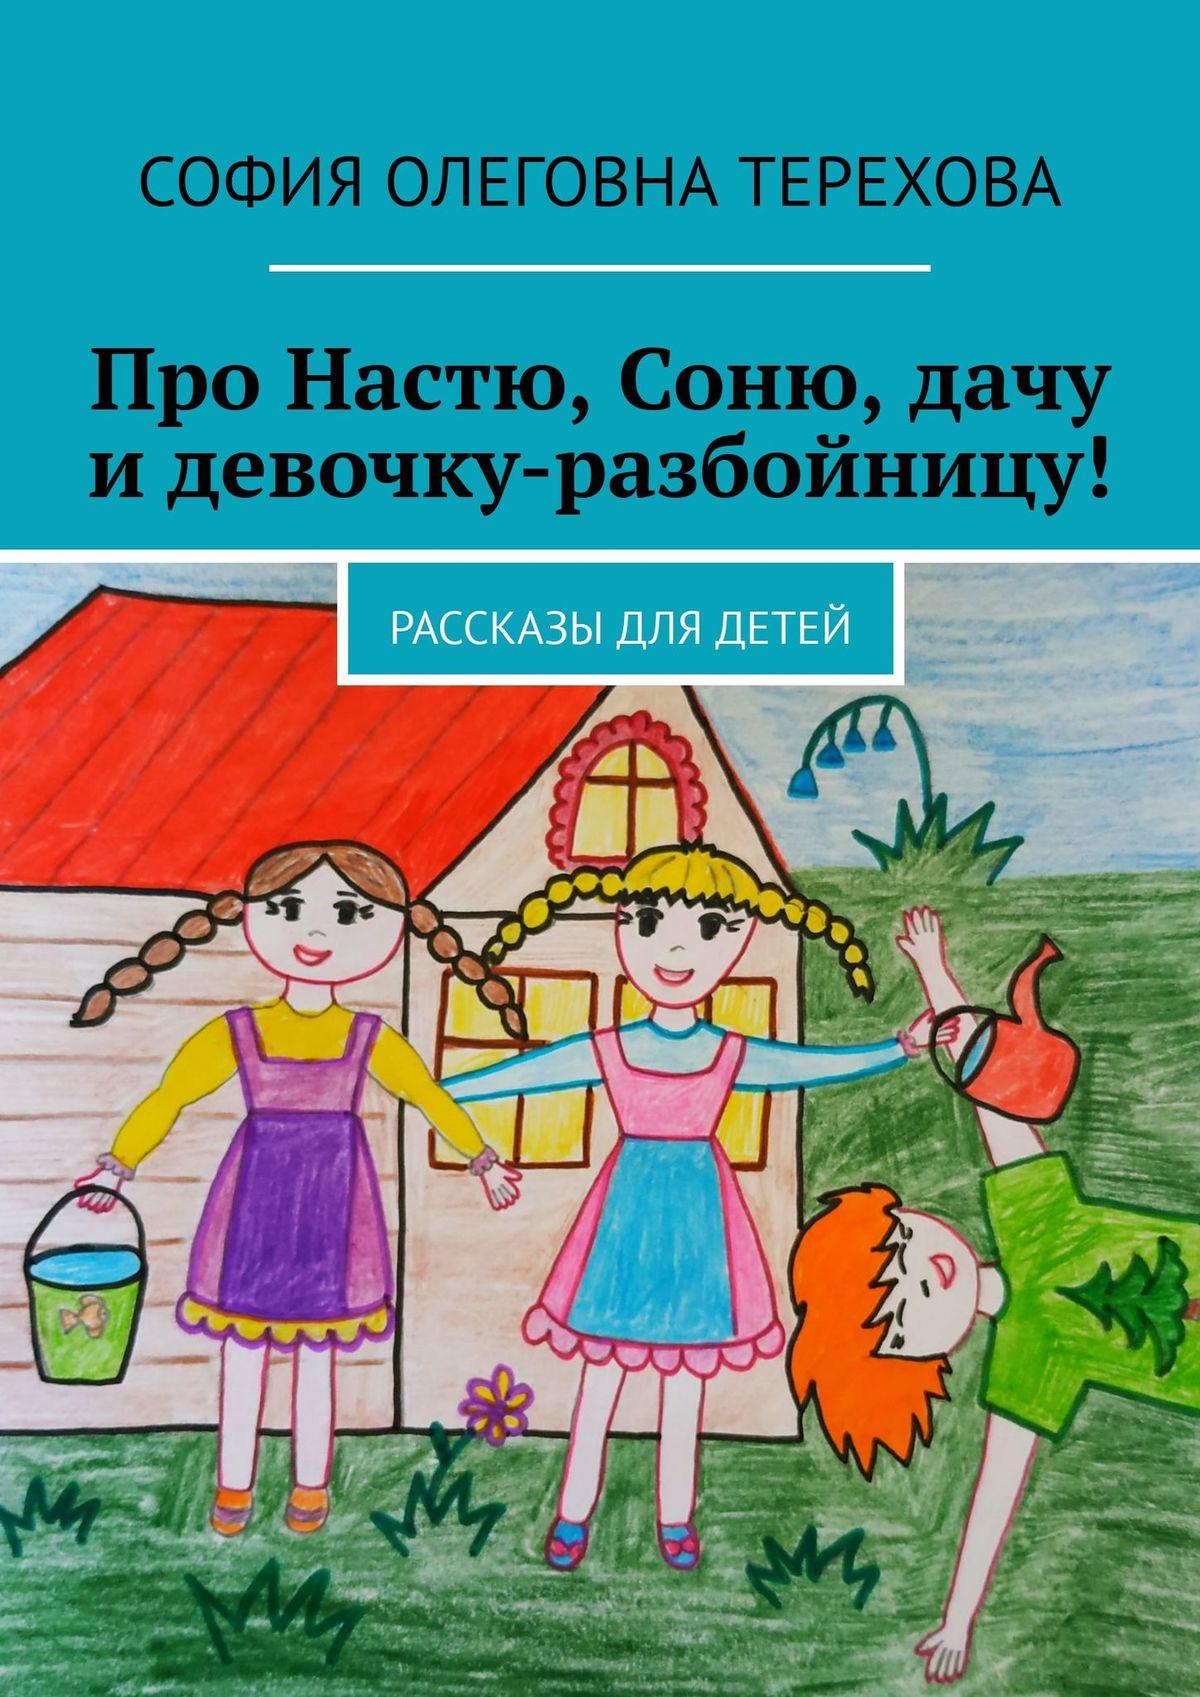 София Олеговна Терехова Про Настю, Соню, дачу идевочку-разбойницу! Рассказы для детей